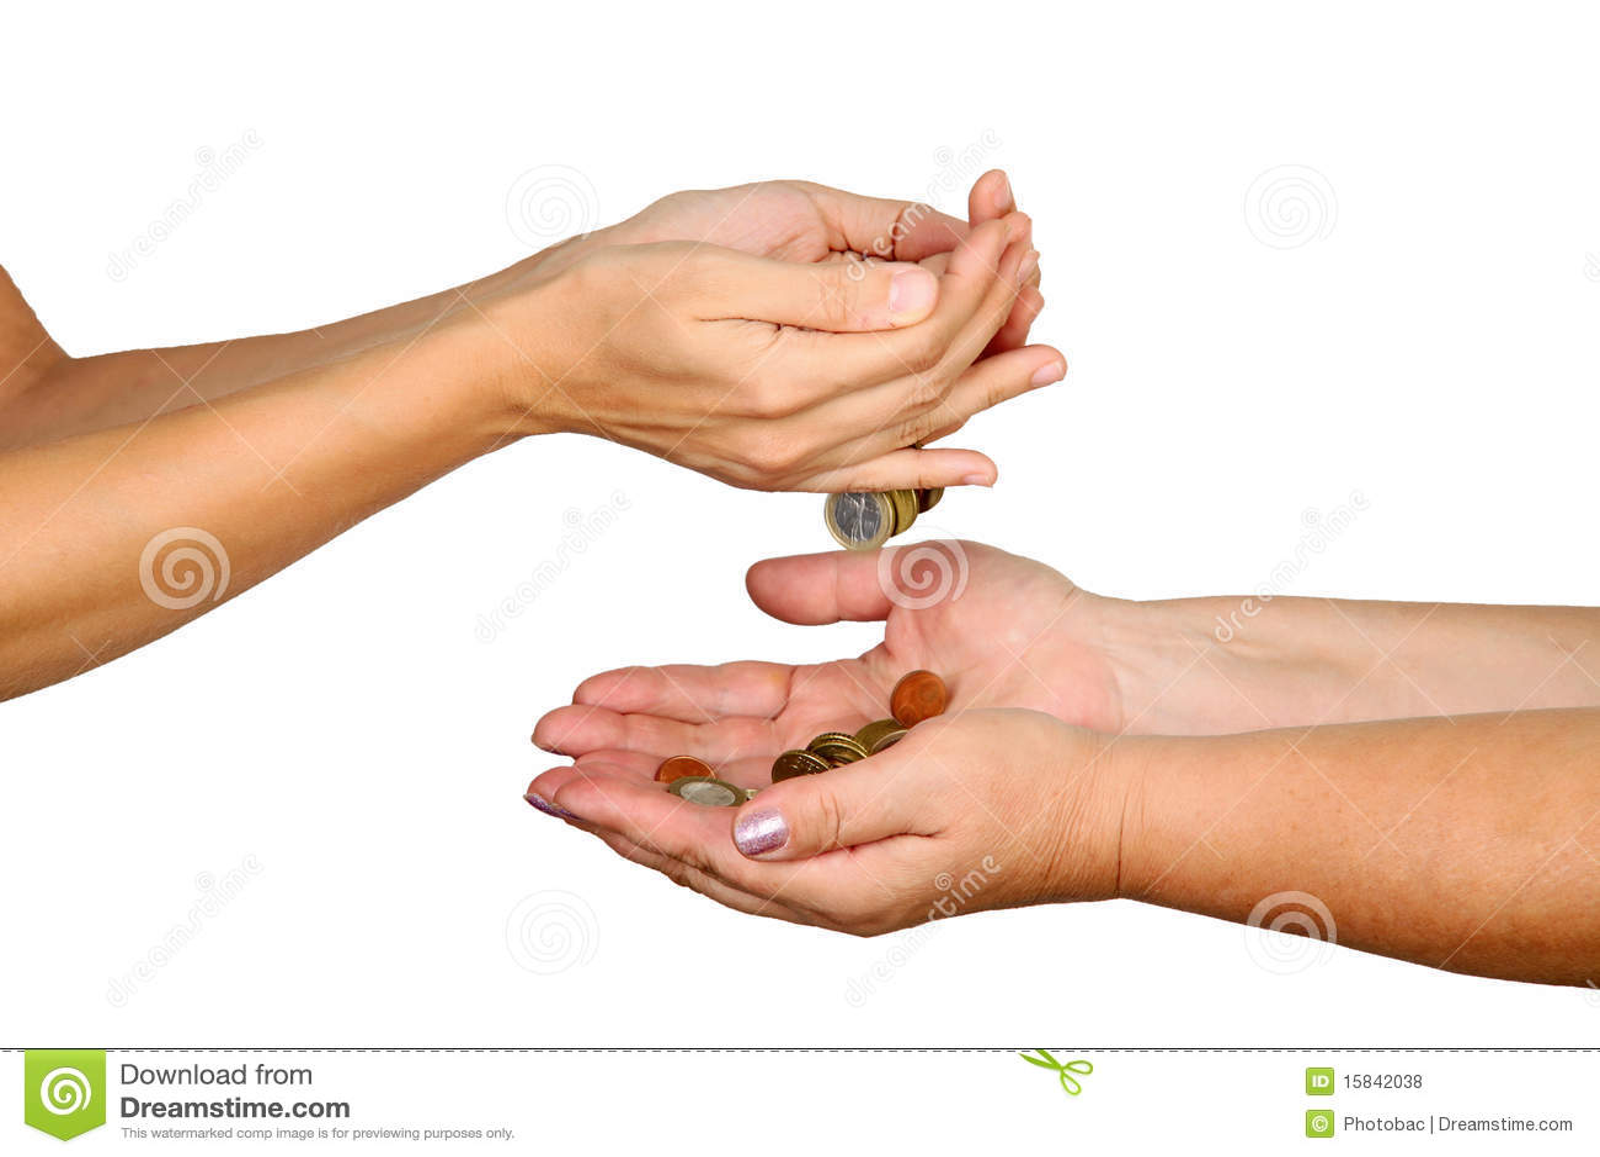 Weibliche Hände gießen hinunter Münzen in eine andere Person